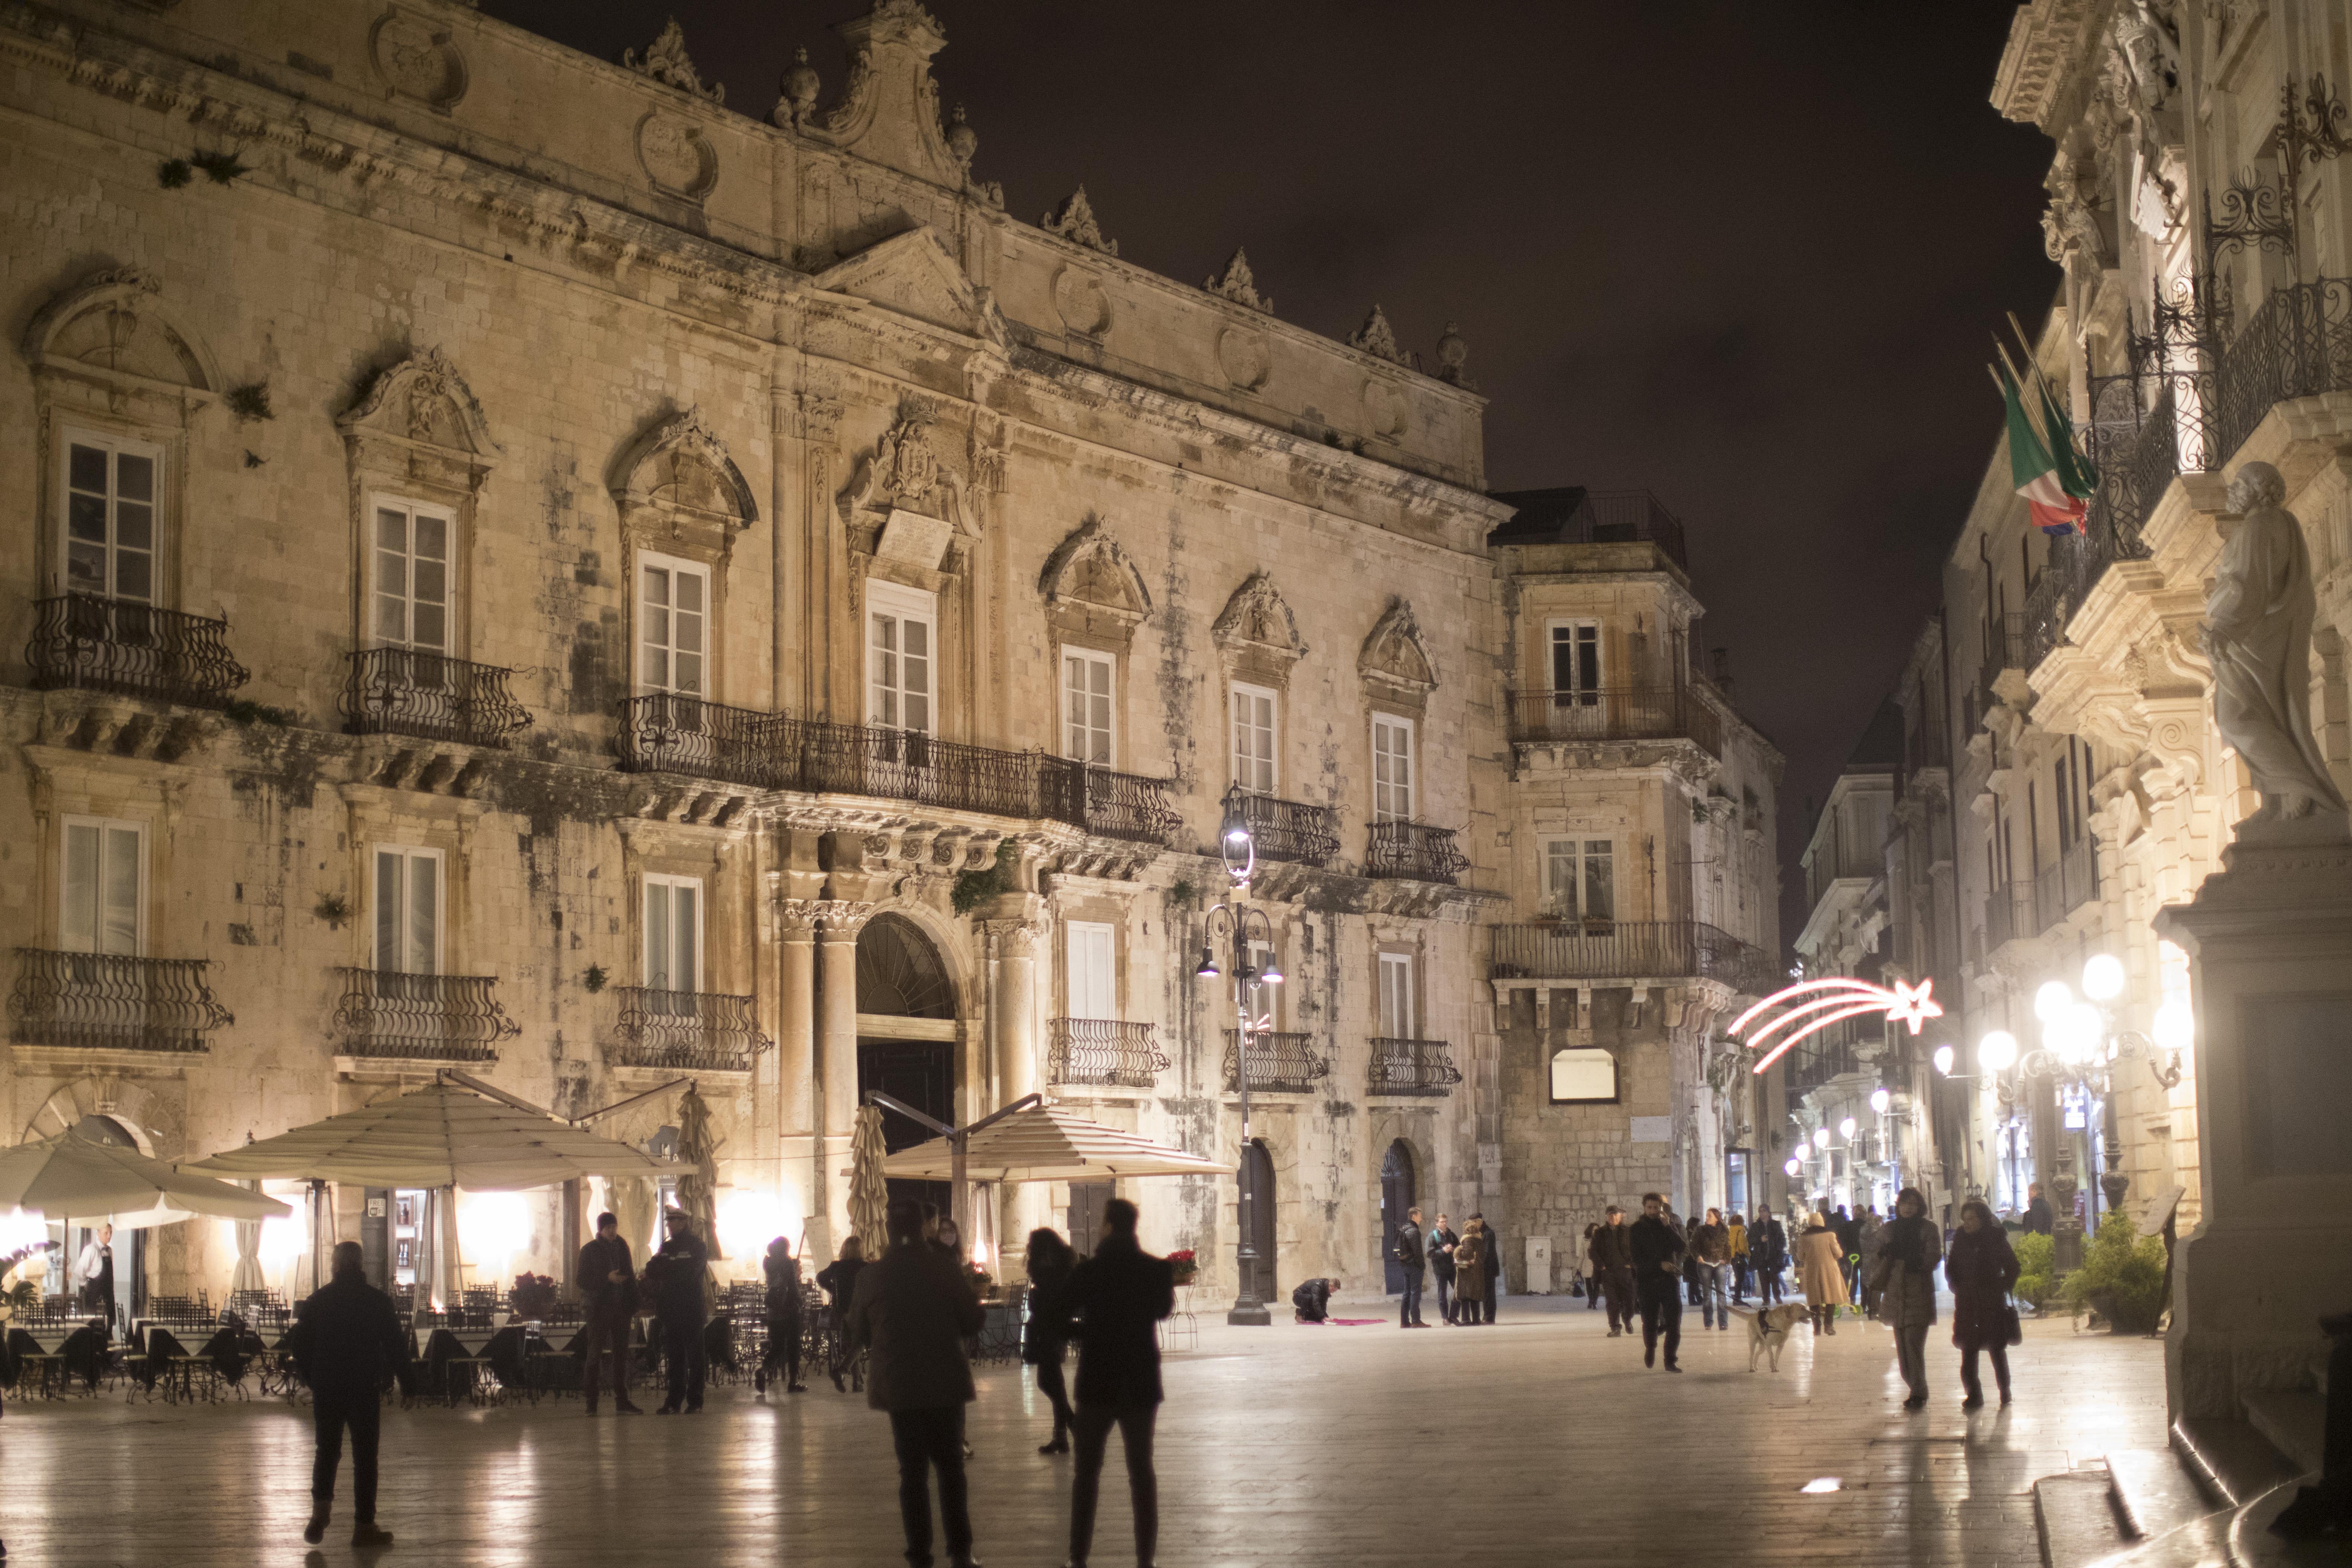 Dolce&Gabbana approda a Siracusa, riflettori puntati su Ortigia: obiettivo valorizzare la Sicilia